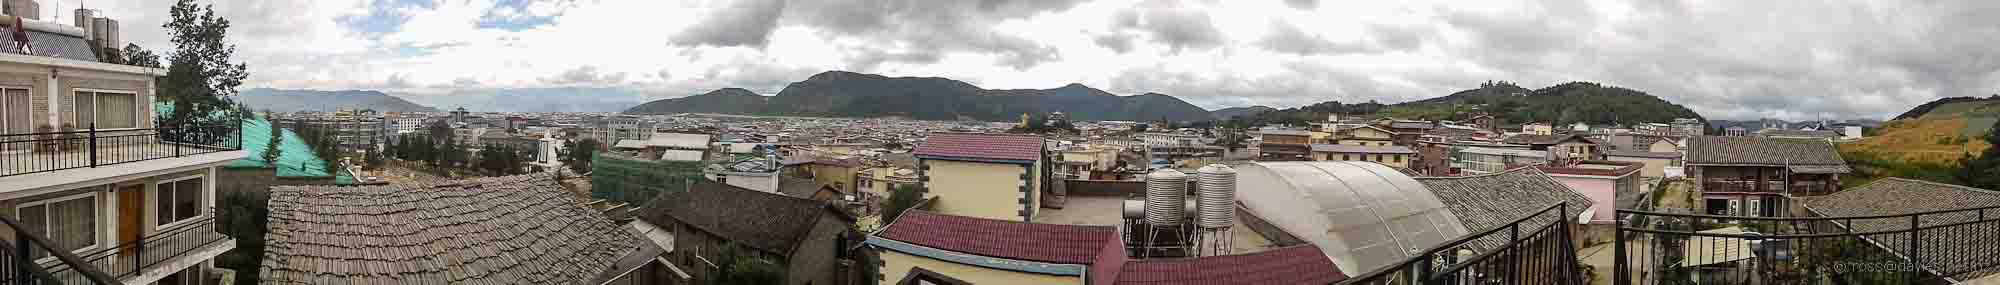 Shangrila panorama from Kevin's Trekker Inn